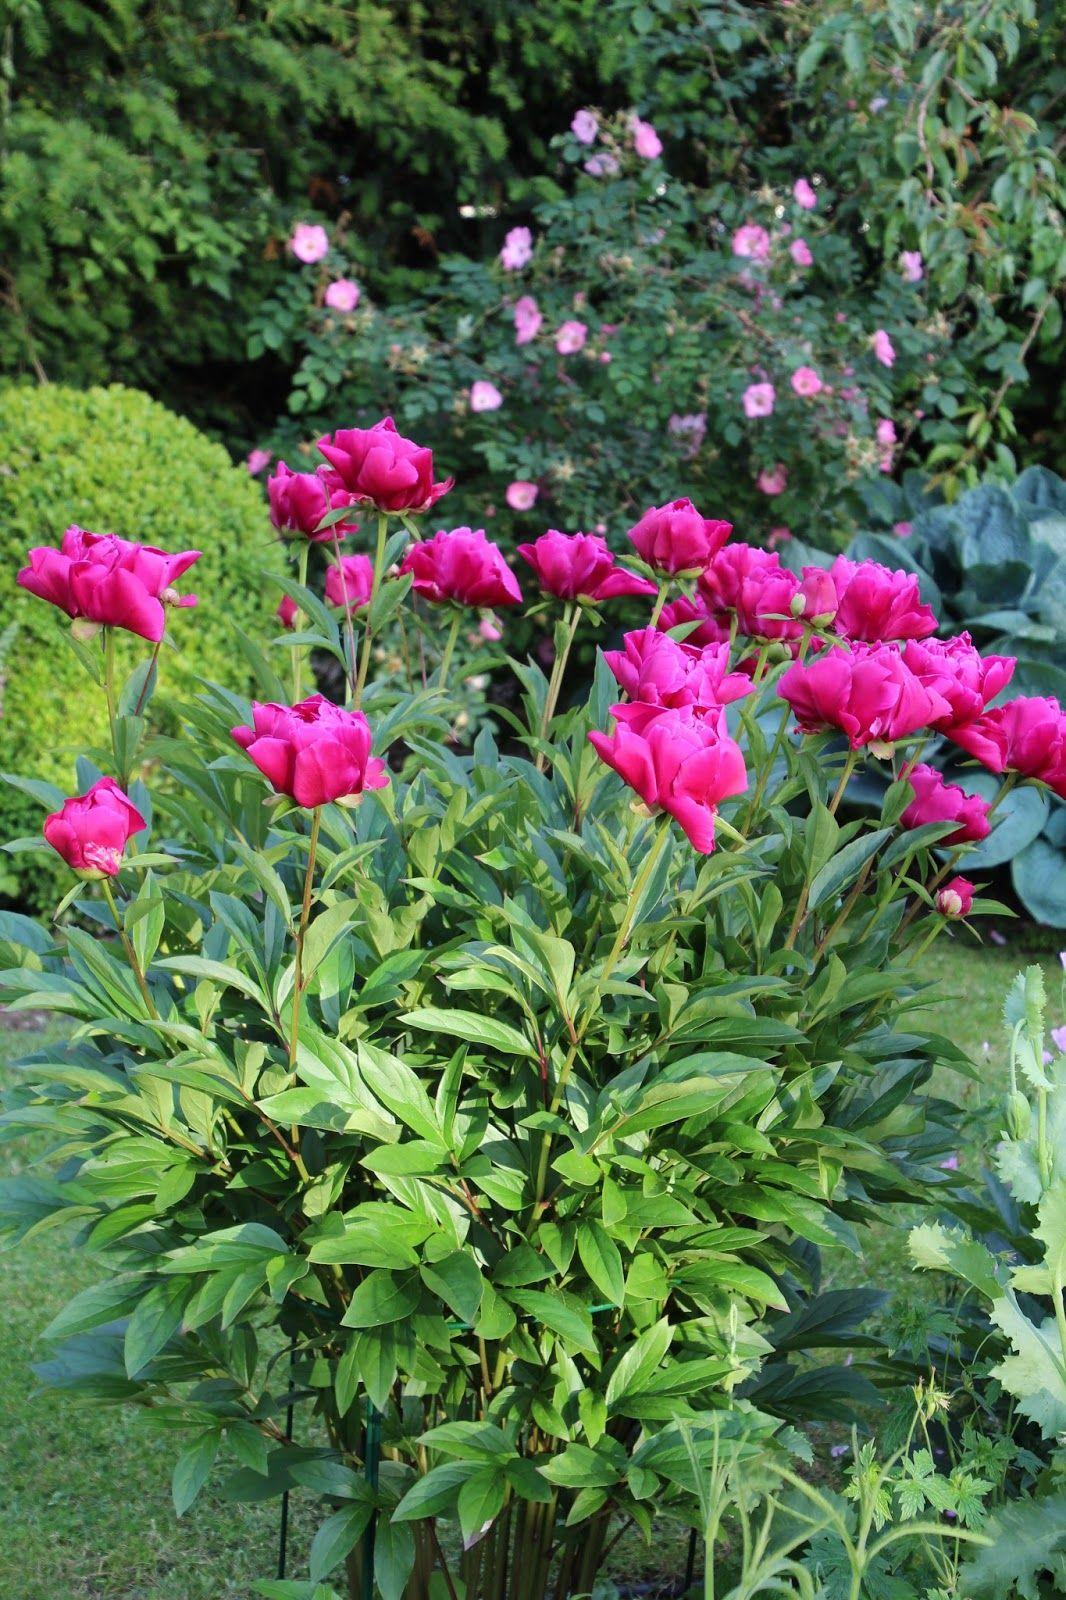 Immagini Piante E Fiori pin på piante e fiori